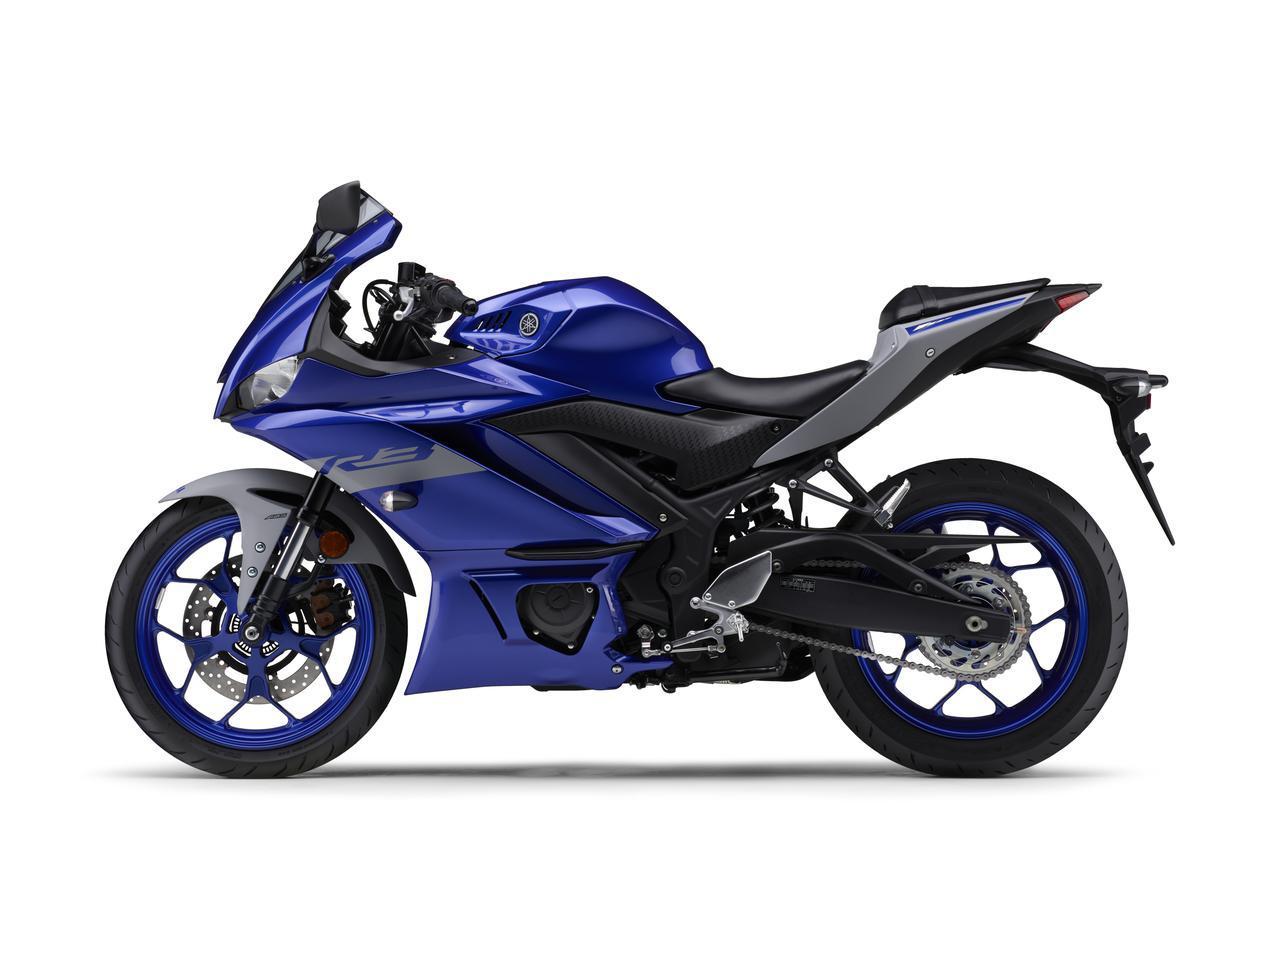 画像4: ヤマハ「YZF-R25/ABS」「YZF-R3 ABS」の2020年モデルが2月14日(金)発売! 3色展開で、すべてニューカラー!